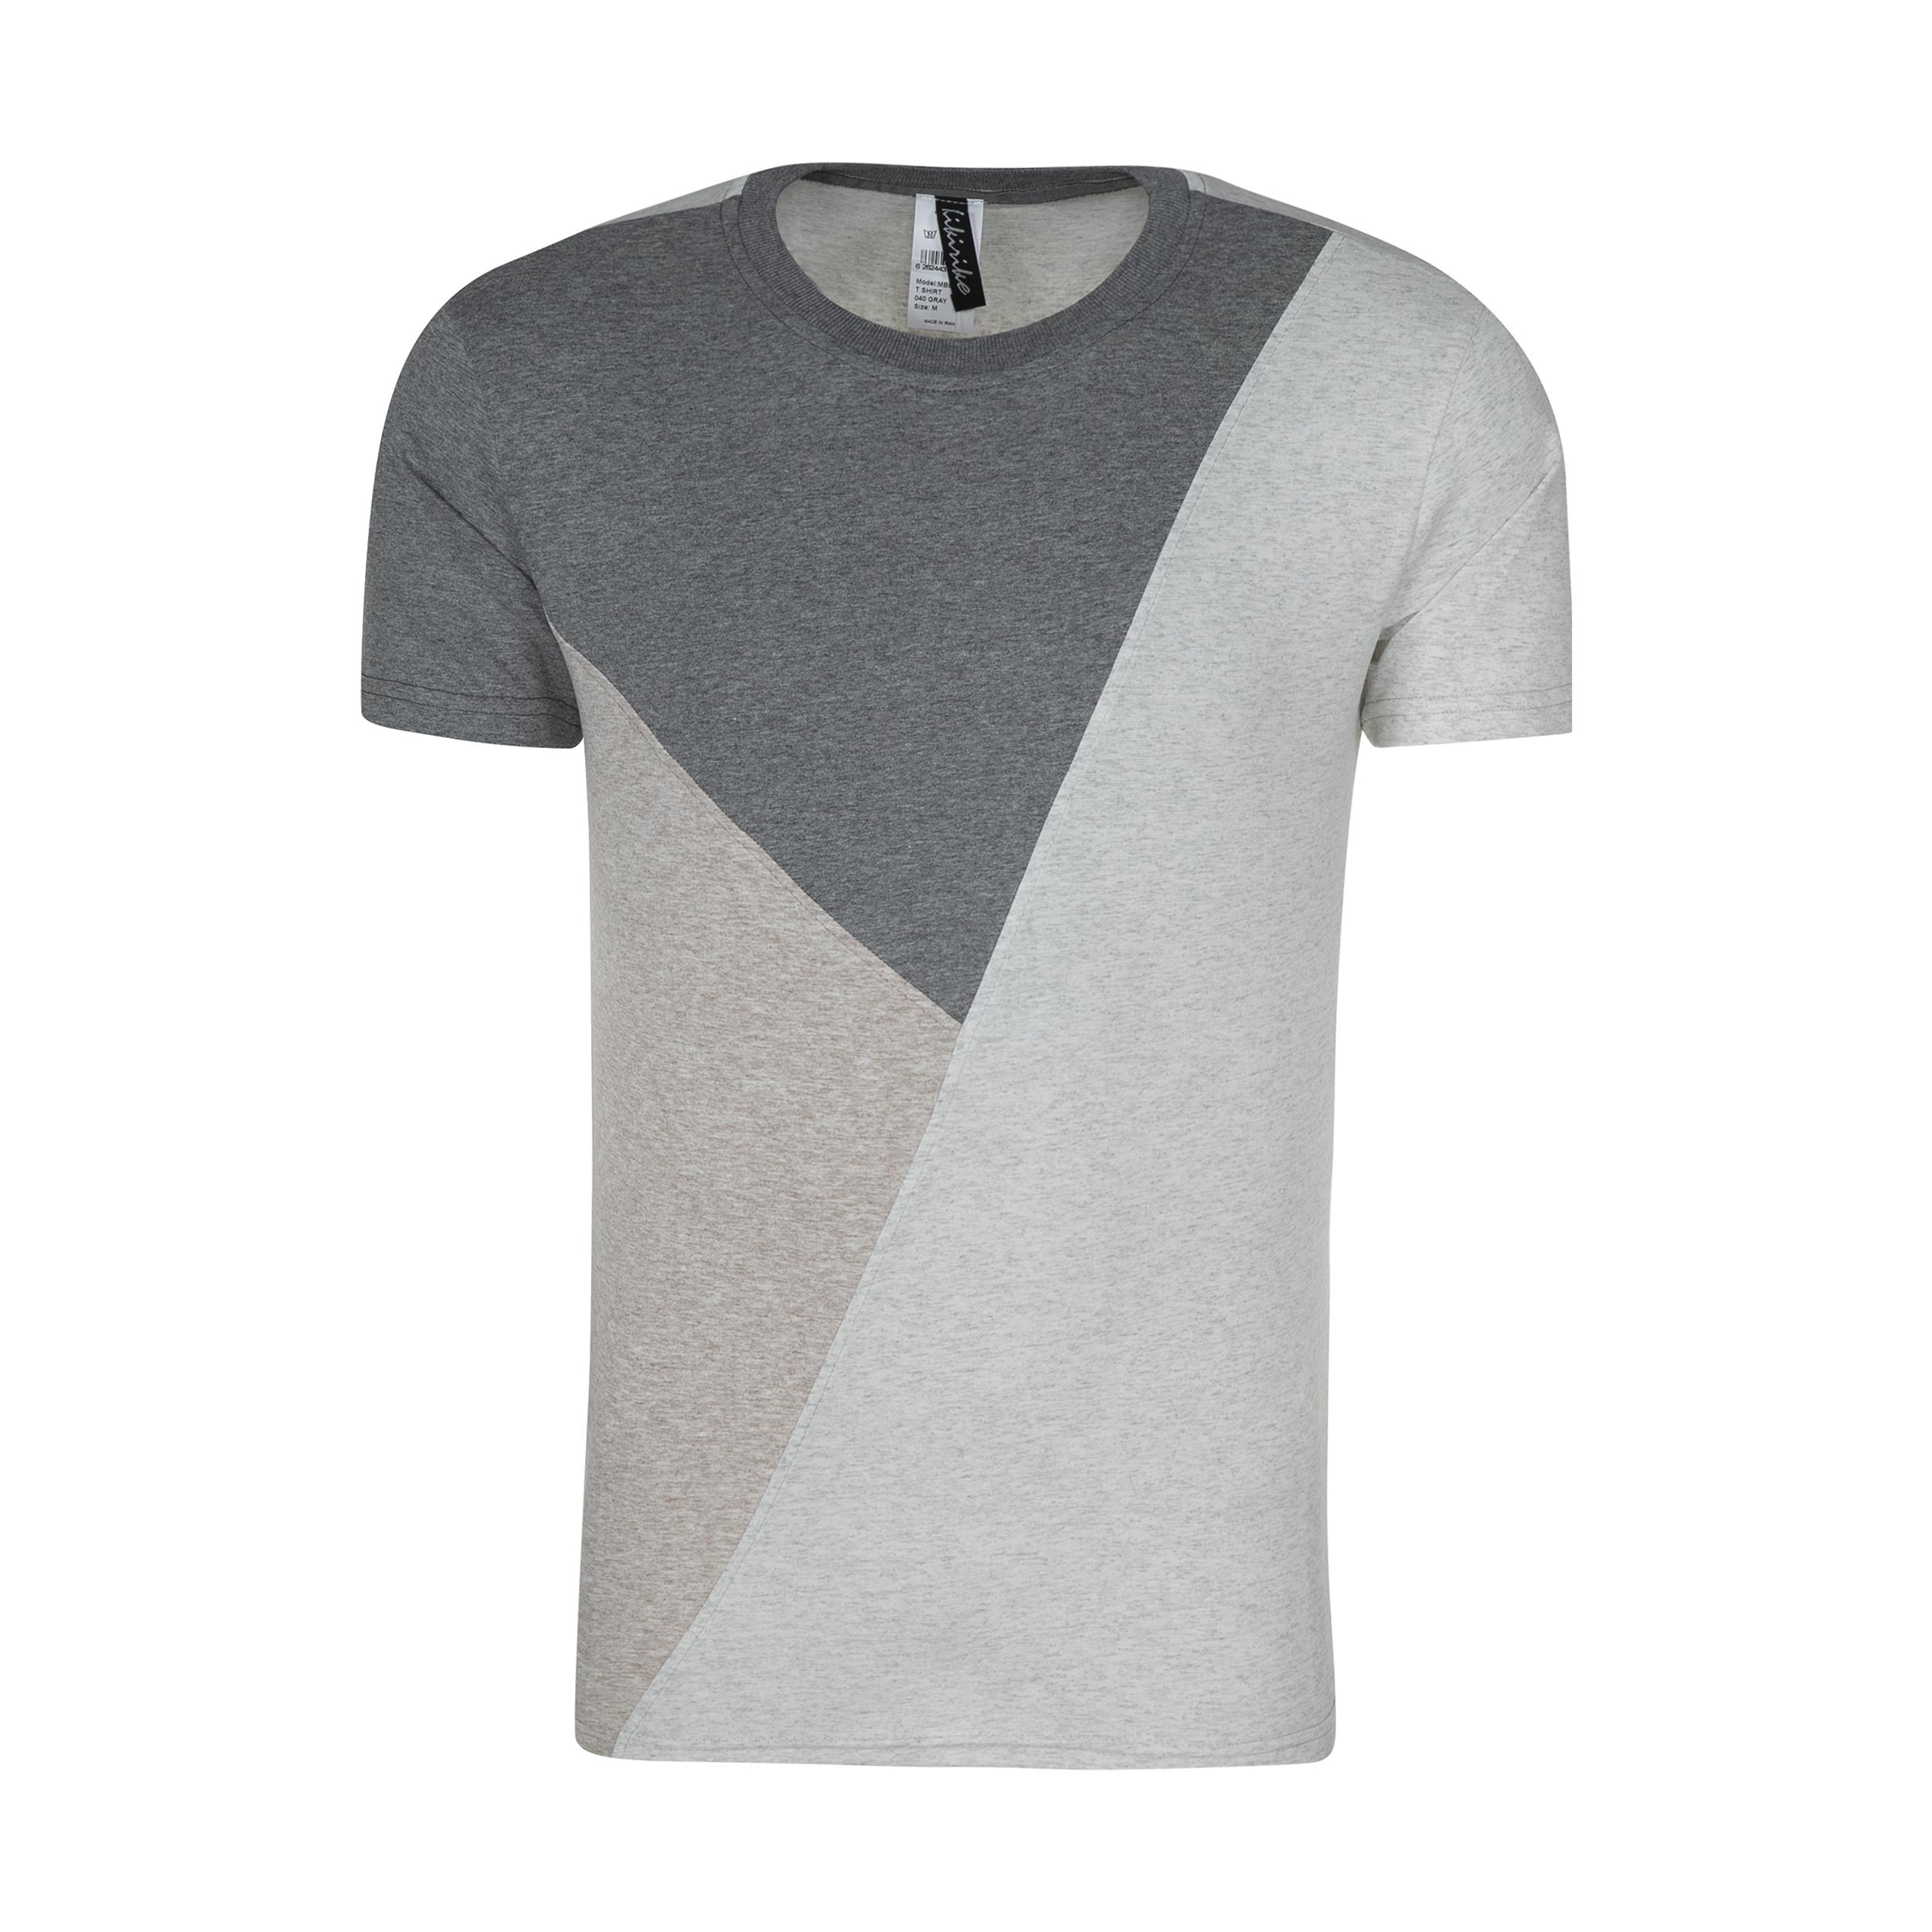 تی شرت مردانه کیکی رایکی مدل MBB2443-40